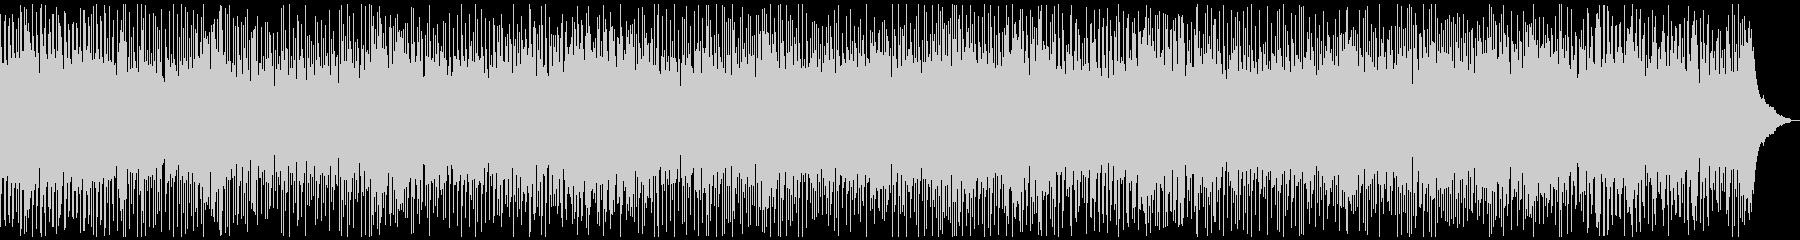 軽快なピアノロックンロールの未再生の波形